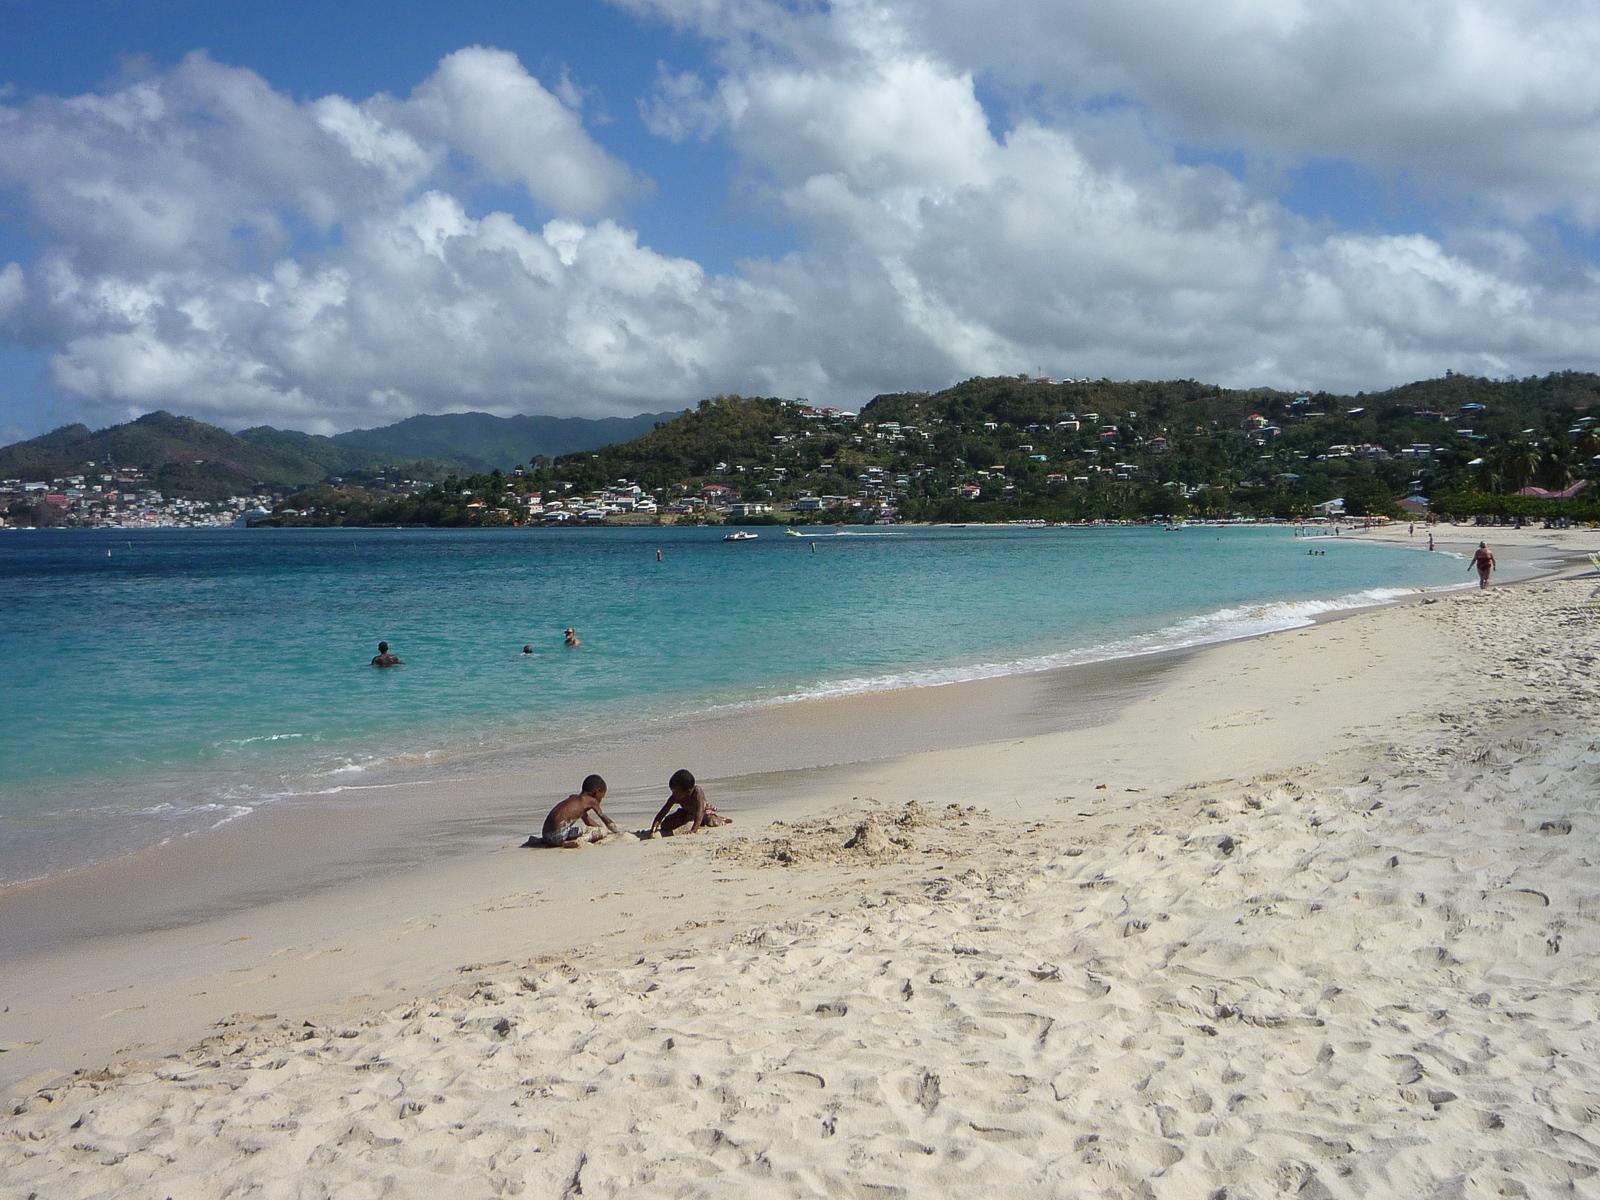 Grenada Travel Guide - Kreuzfahrt in der Karibik - Kleine Antillen - Karibik Kreuzfahrt - Tipps und Wissenswertes für deine Reise - Urlaub in der Karibik - Karibik Urlaub - Grenada entdecken - Reisen - Urlaub - Reisebericht -  Fashionladyloves by Tamara Wagner - Travel Blog - Reise Blog